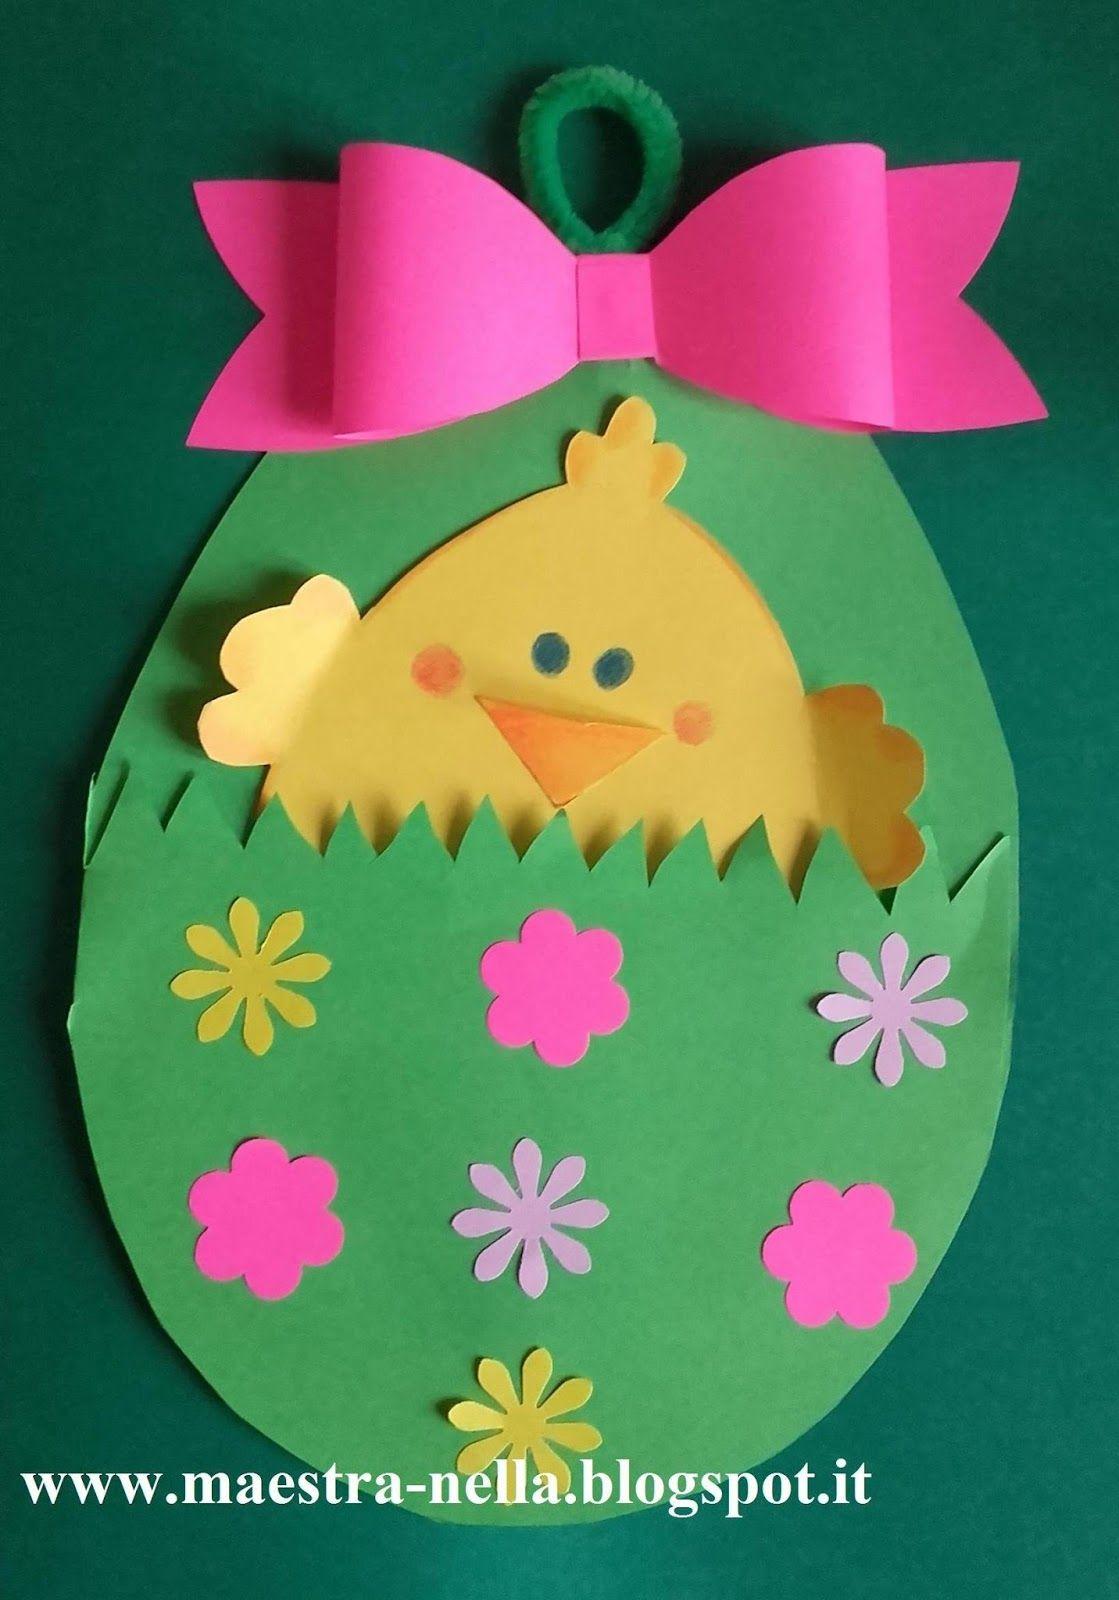 Pulcini E Coniglietti Spuntano Da Uova Di Pasqua Decorati Con